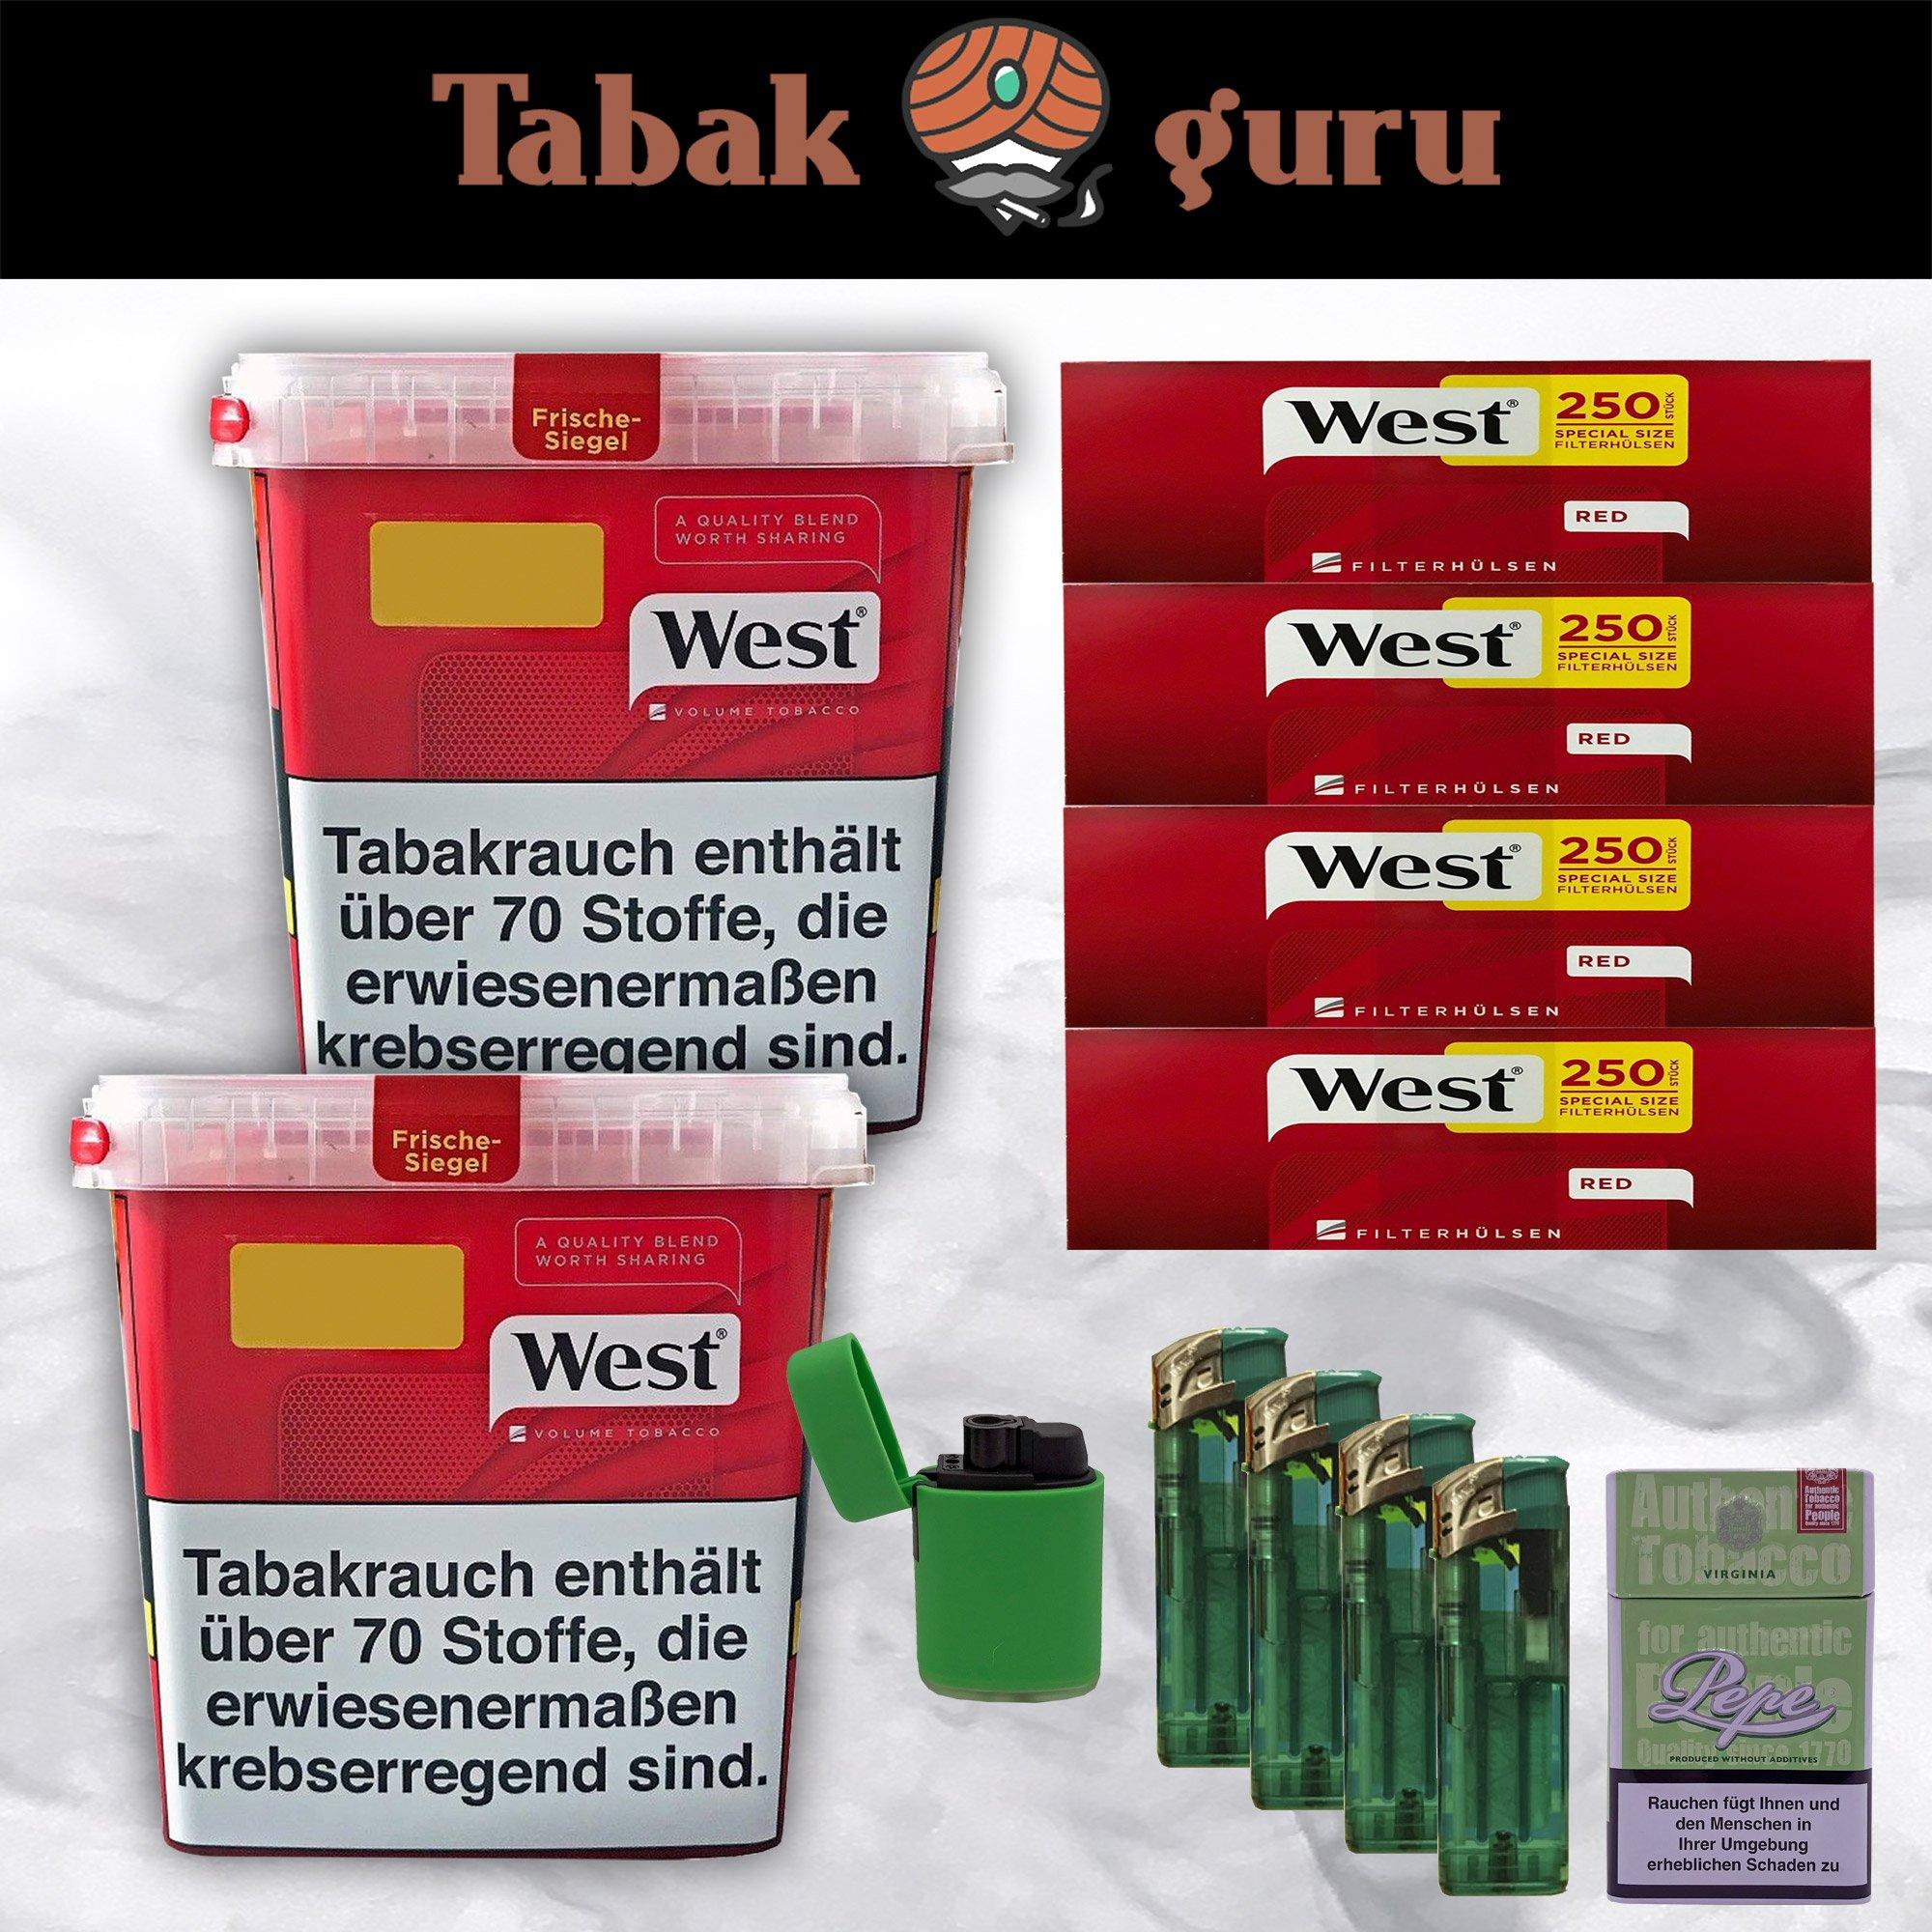 2x West Tabak / Volumentabak Giga Box 280 g, West Extra Hülsen + Zubehör